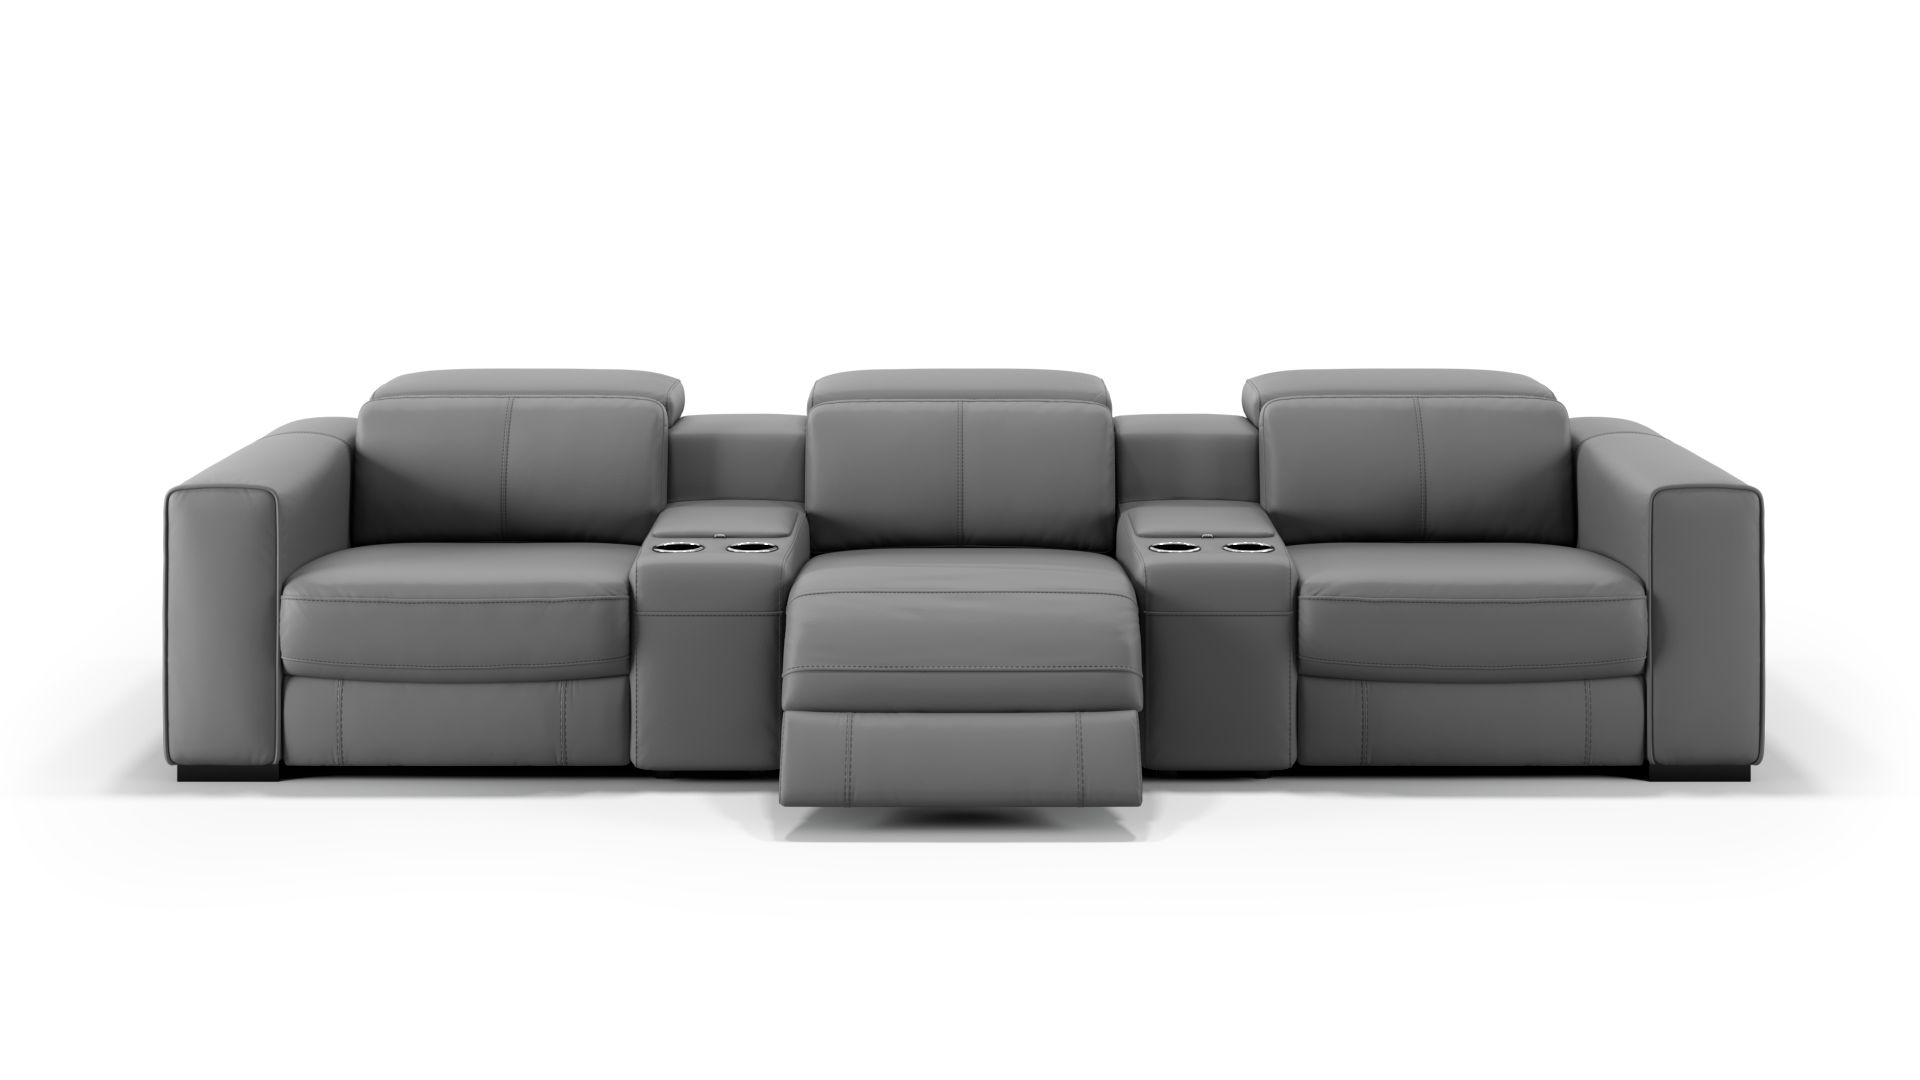 Leder 3-Sitzer Kinosofa mit zwei Mittelkonsolen BOVINO